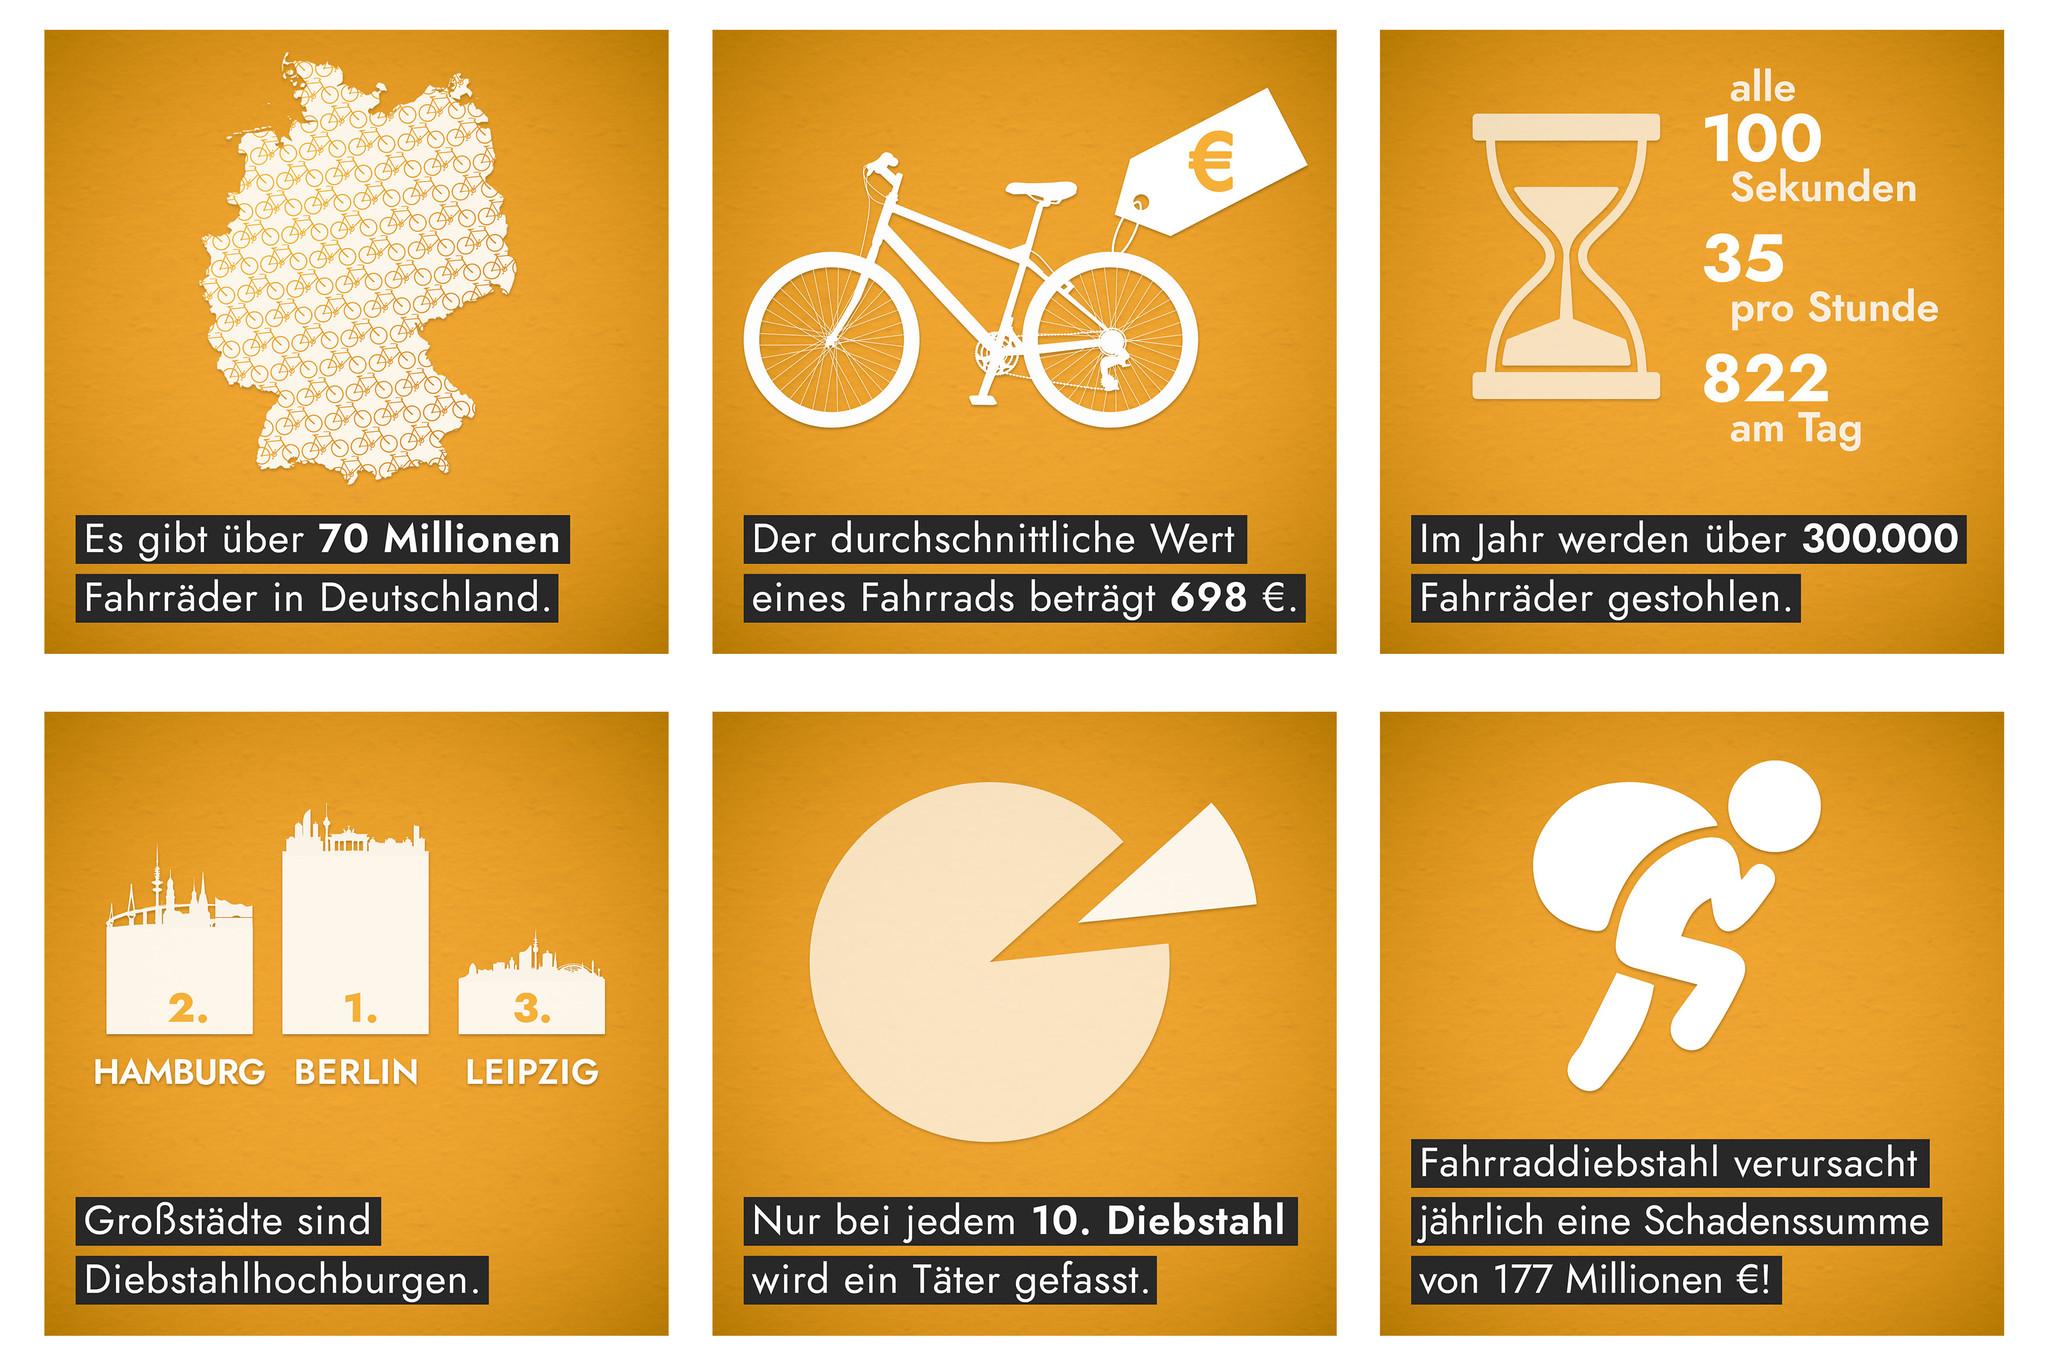 Wie kann ich mein Fahrrad vor Diebstahl schützen? Statistik Fahrraddiebstahl